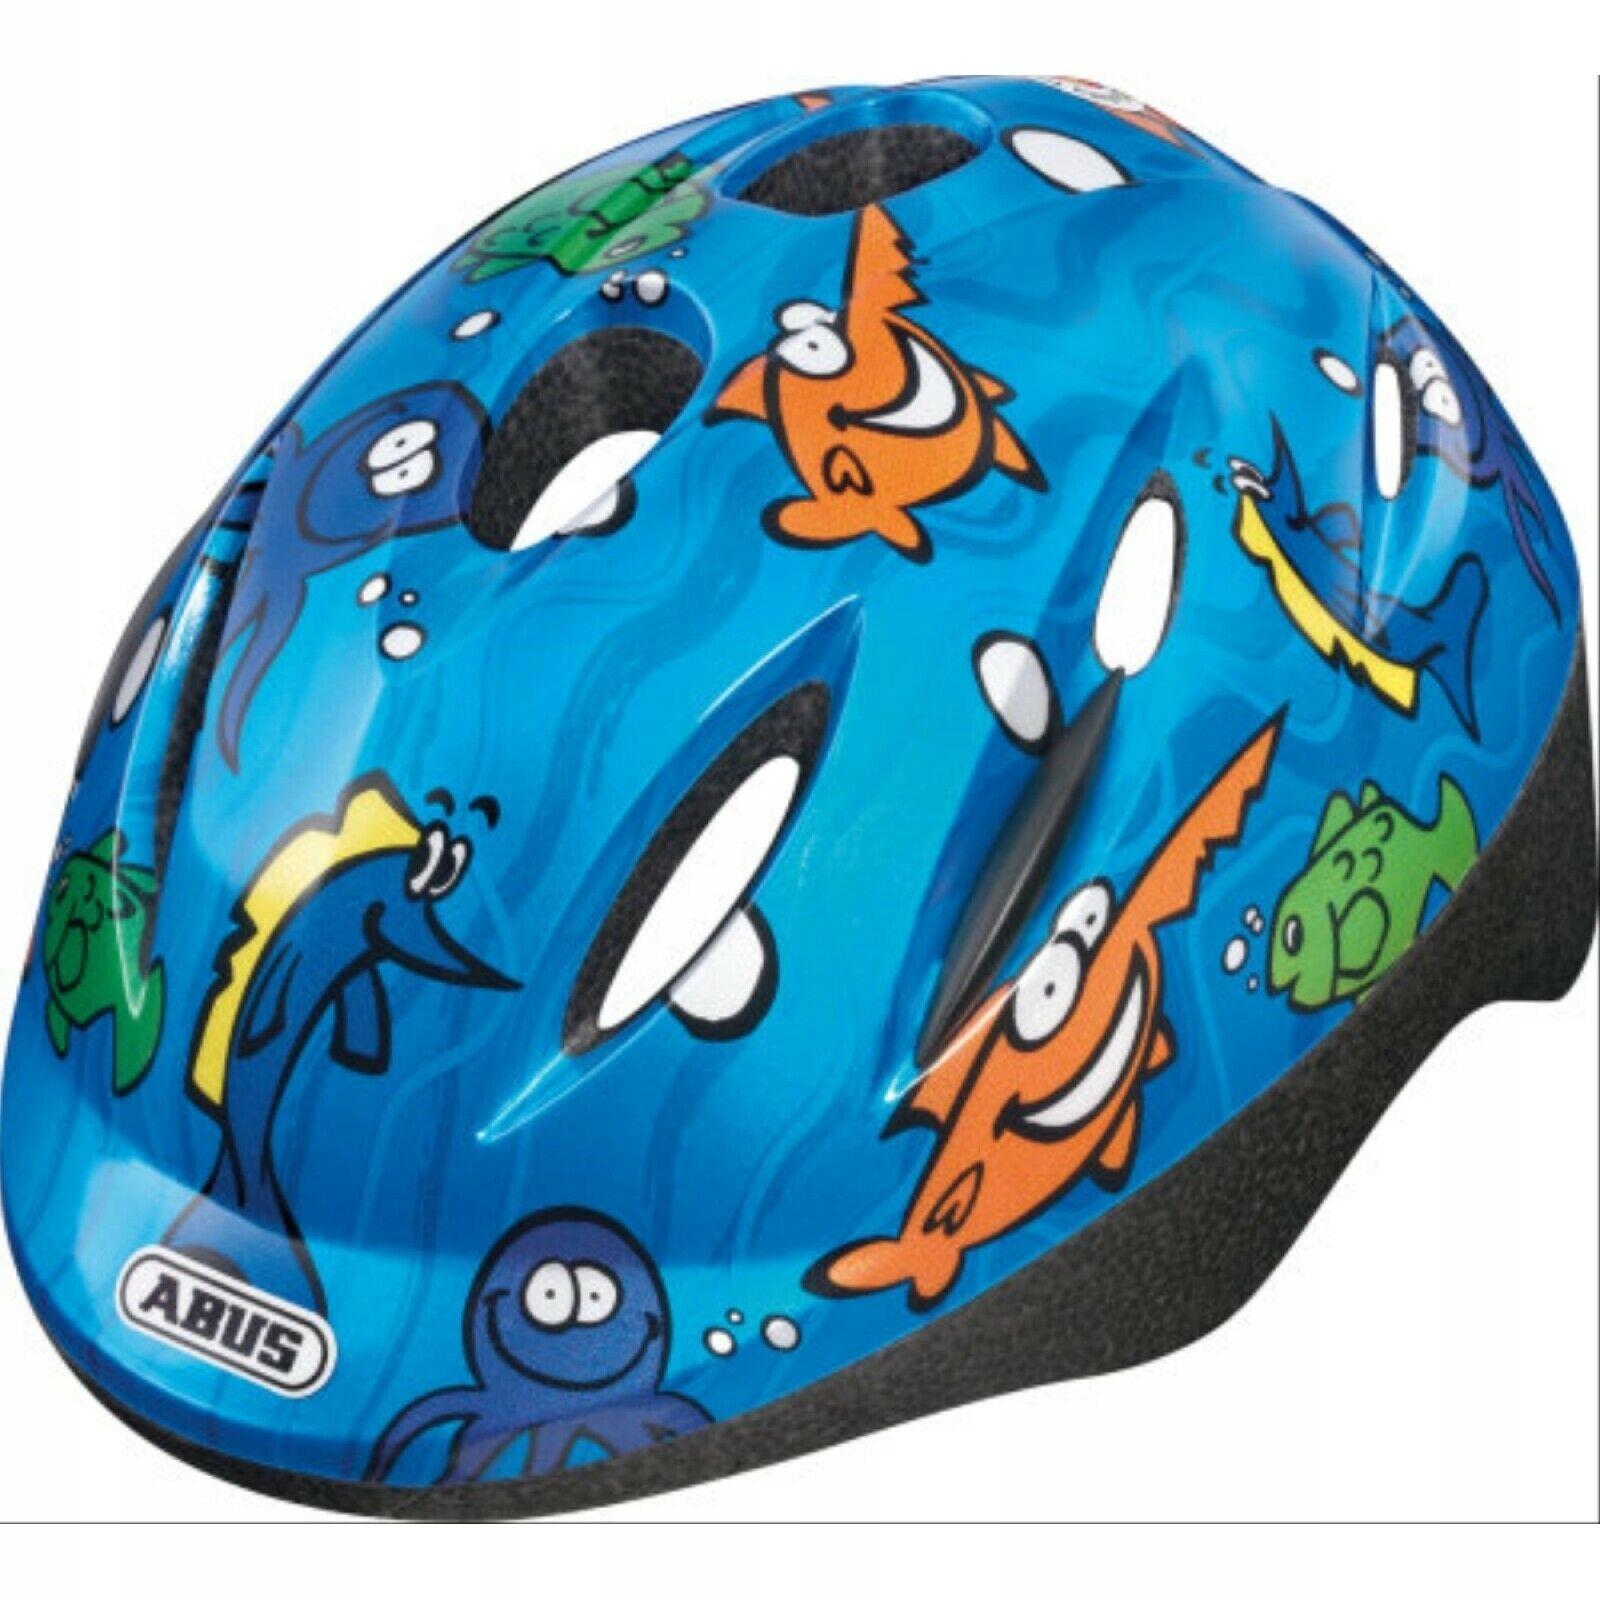 Kask rowerowy dziecięcy ABUS Smooty Ocean S 45-50